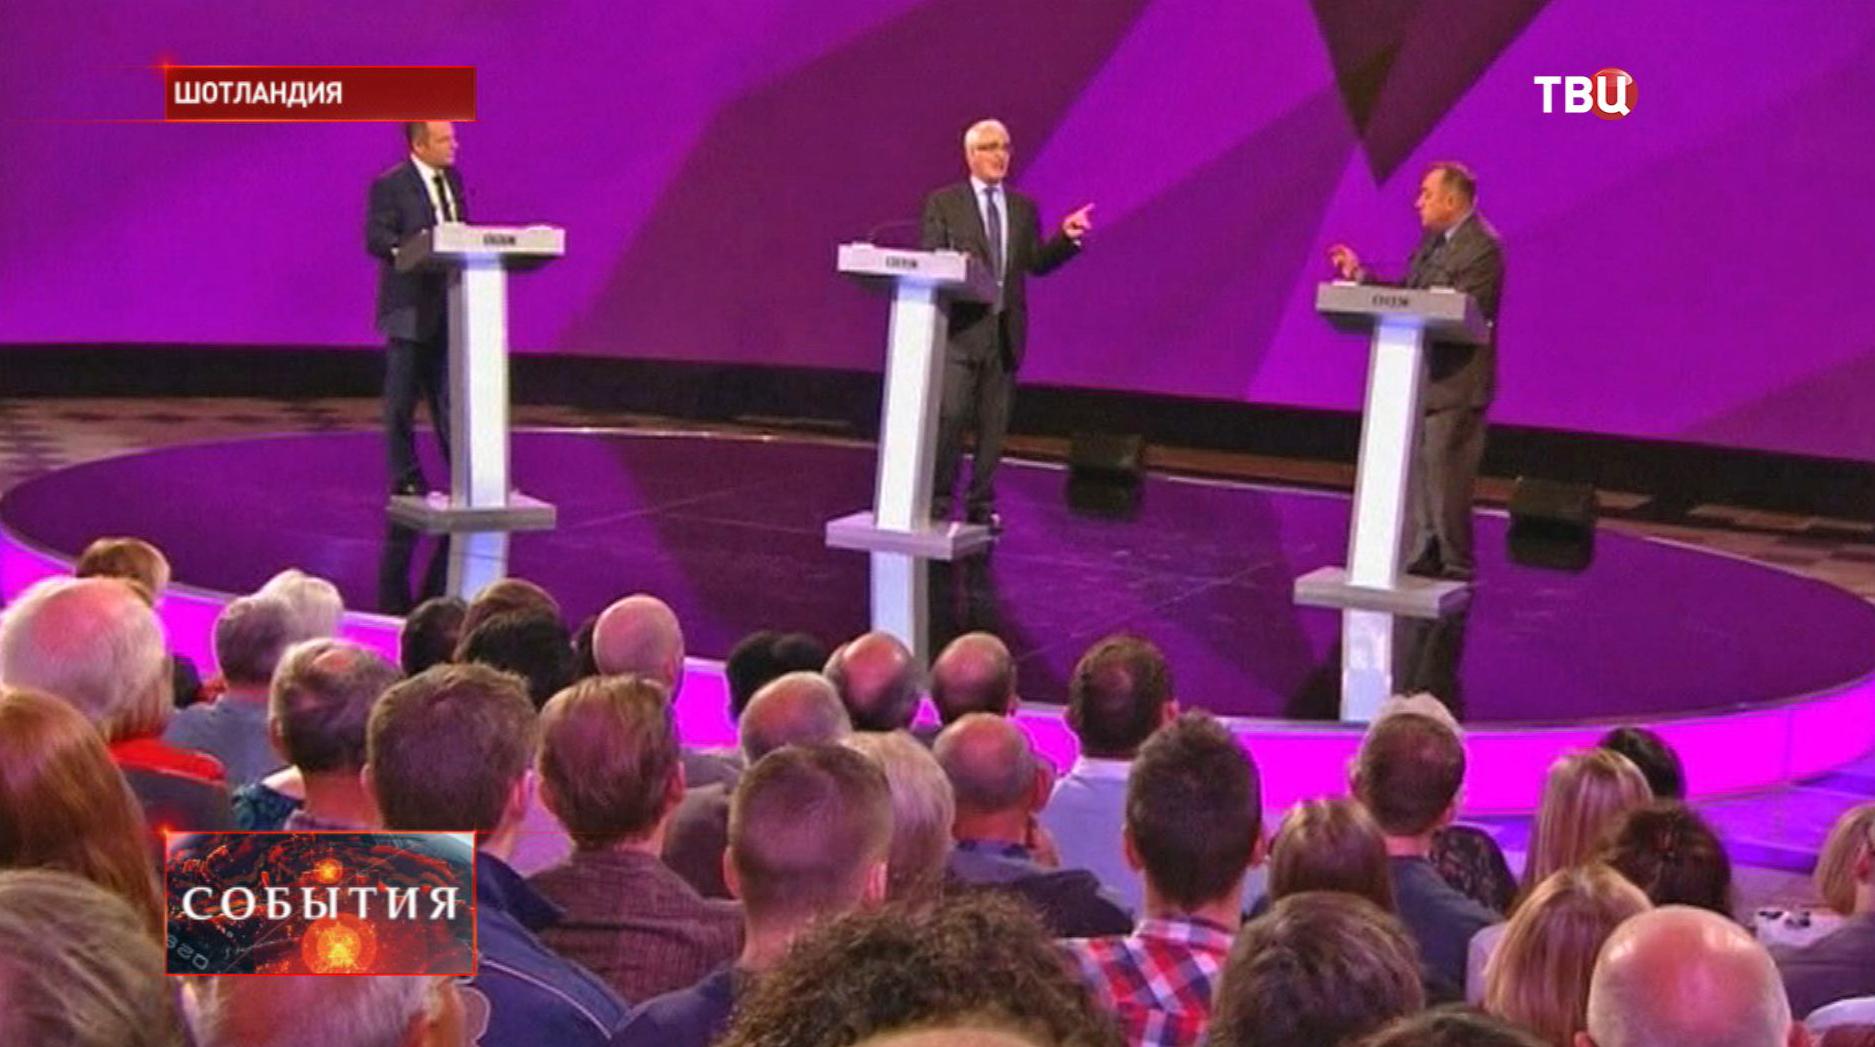 Последний раунд дебатов в Шотландии